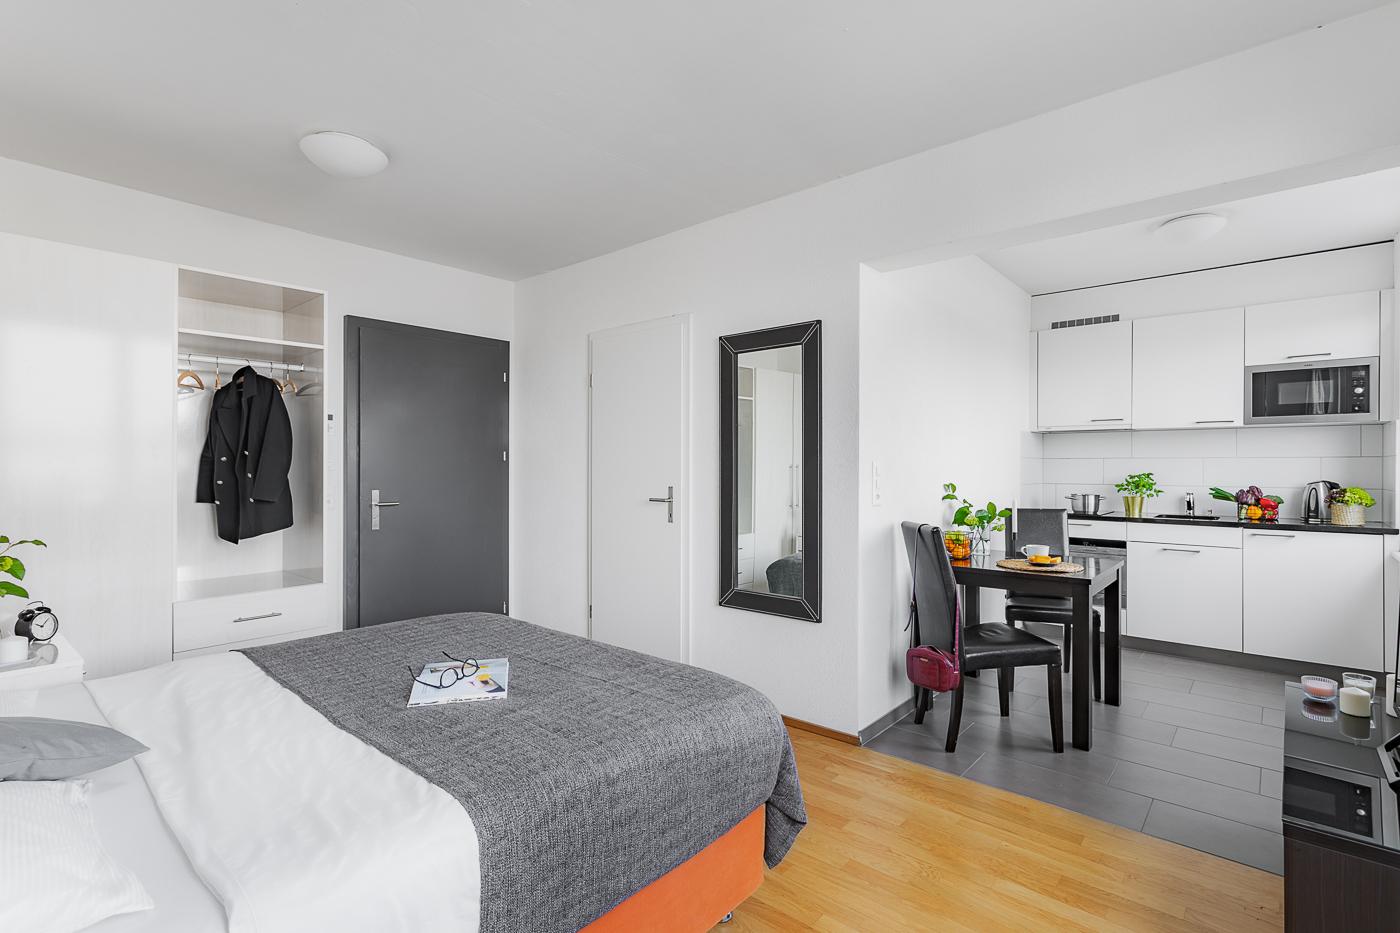 Bedroom at Oerlikon Lodge